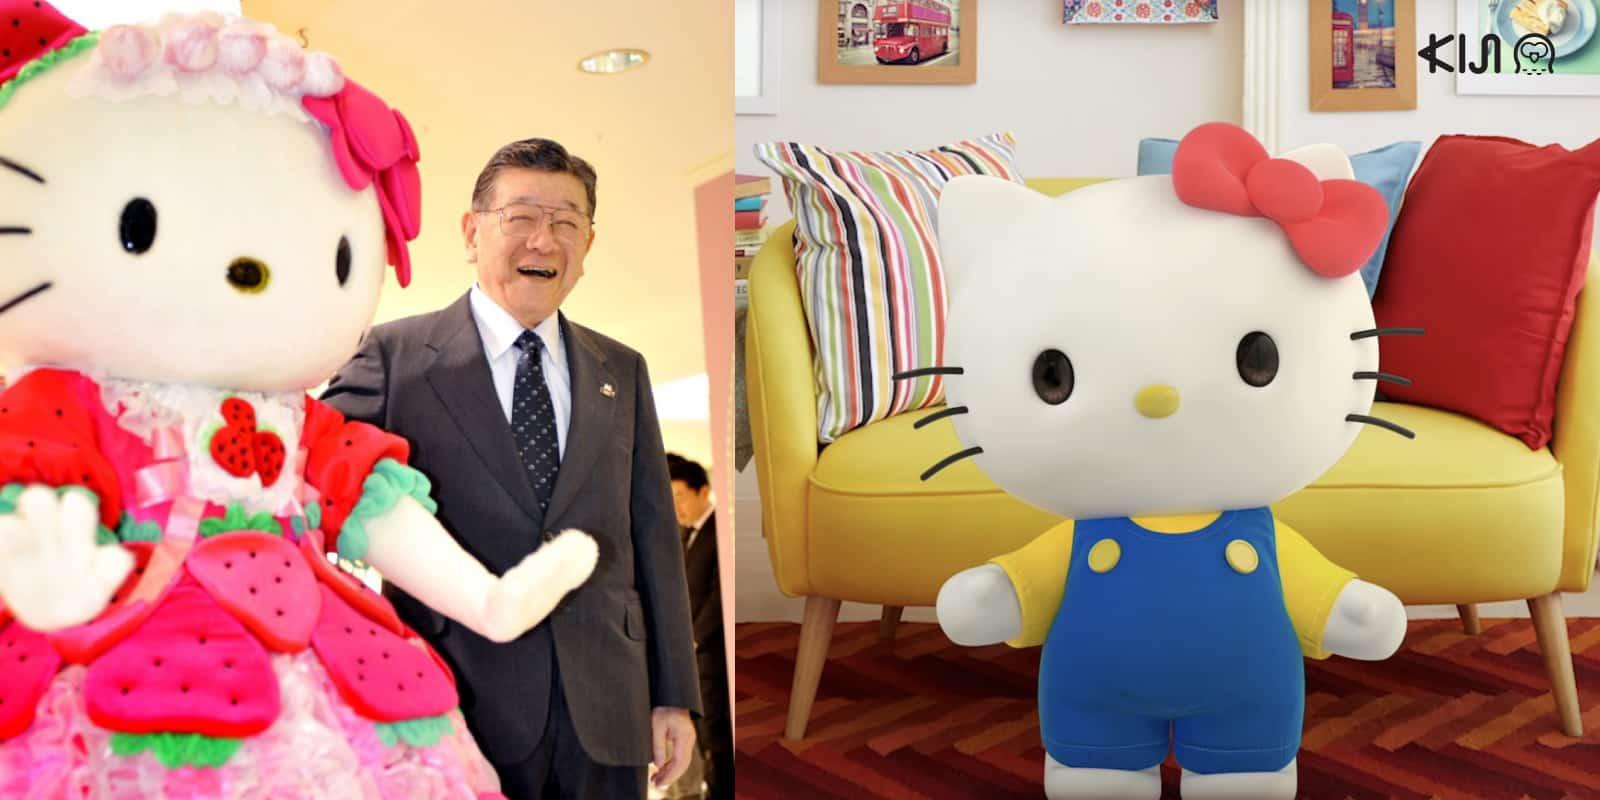 ชินทาโร่ ซึจิ ผู้บุกเบิกการ์ตูน Sanrio ประกาศสละตำแหน่งในวัย 92 ปี